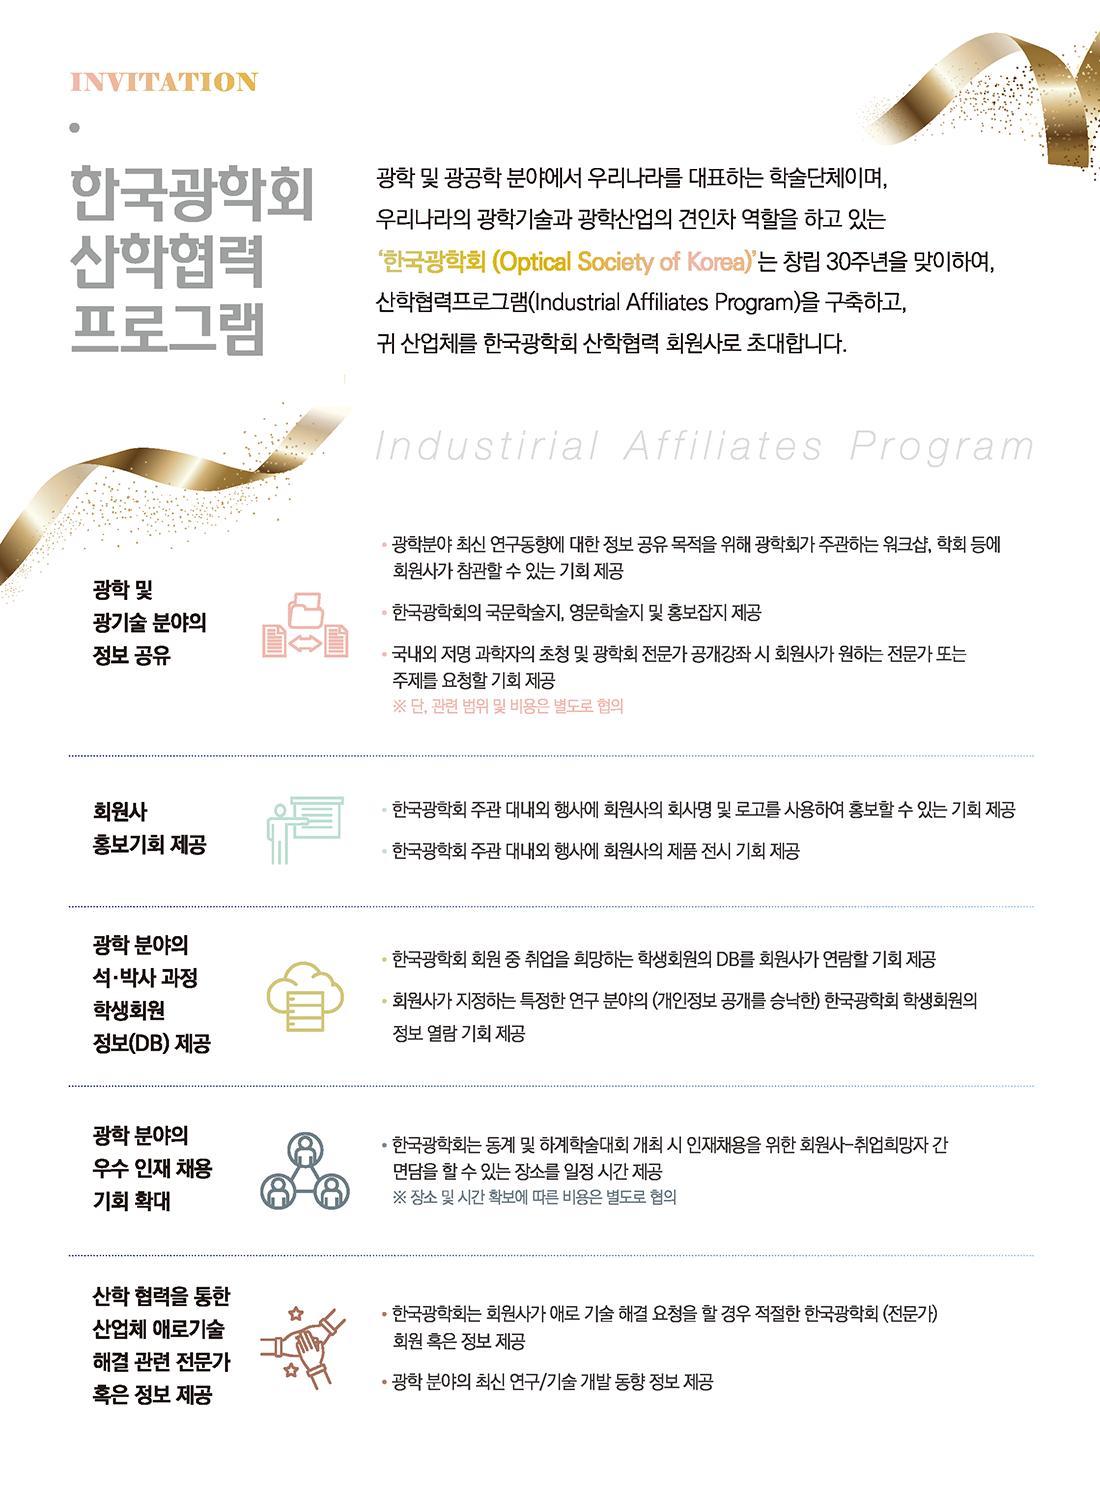 한국광학회 산한협력 프로그램